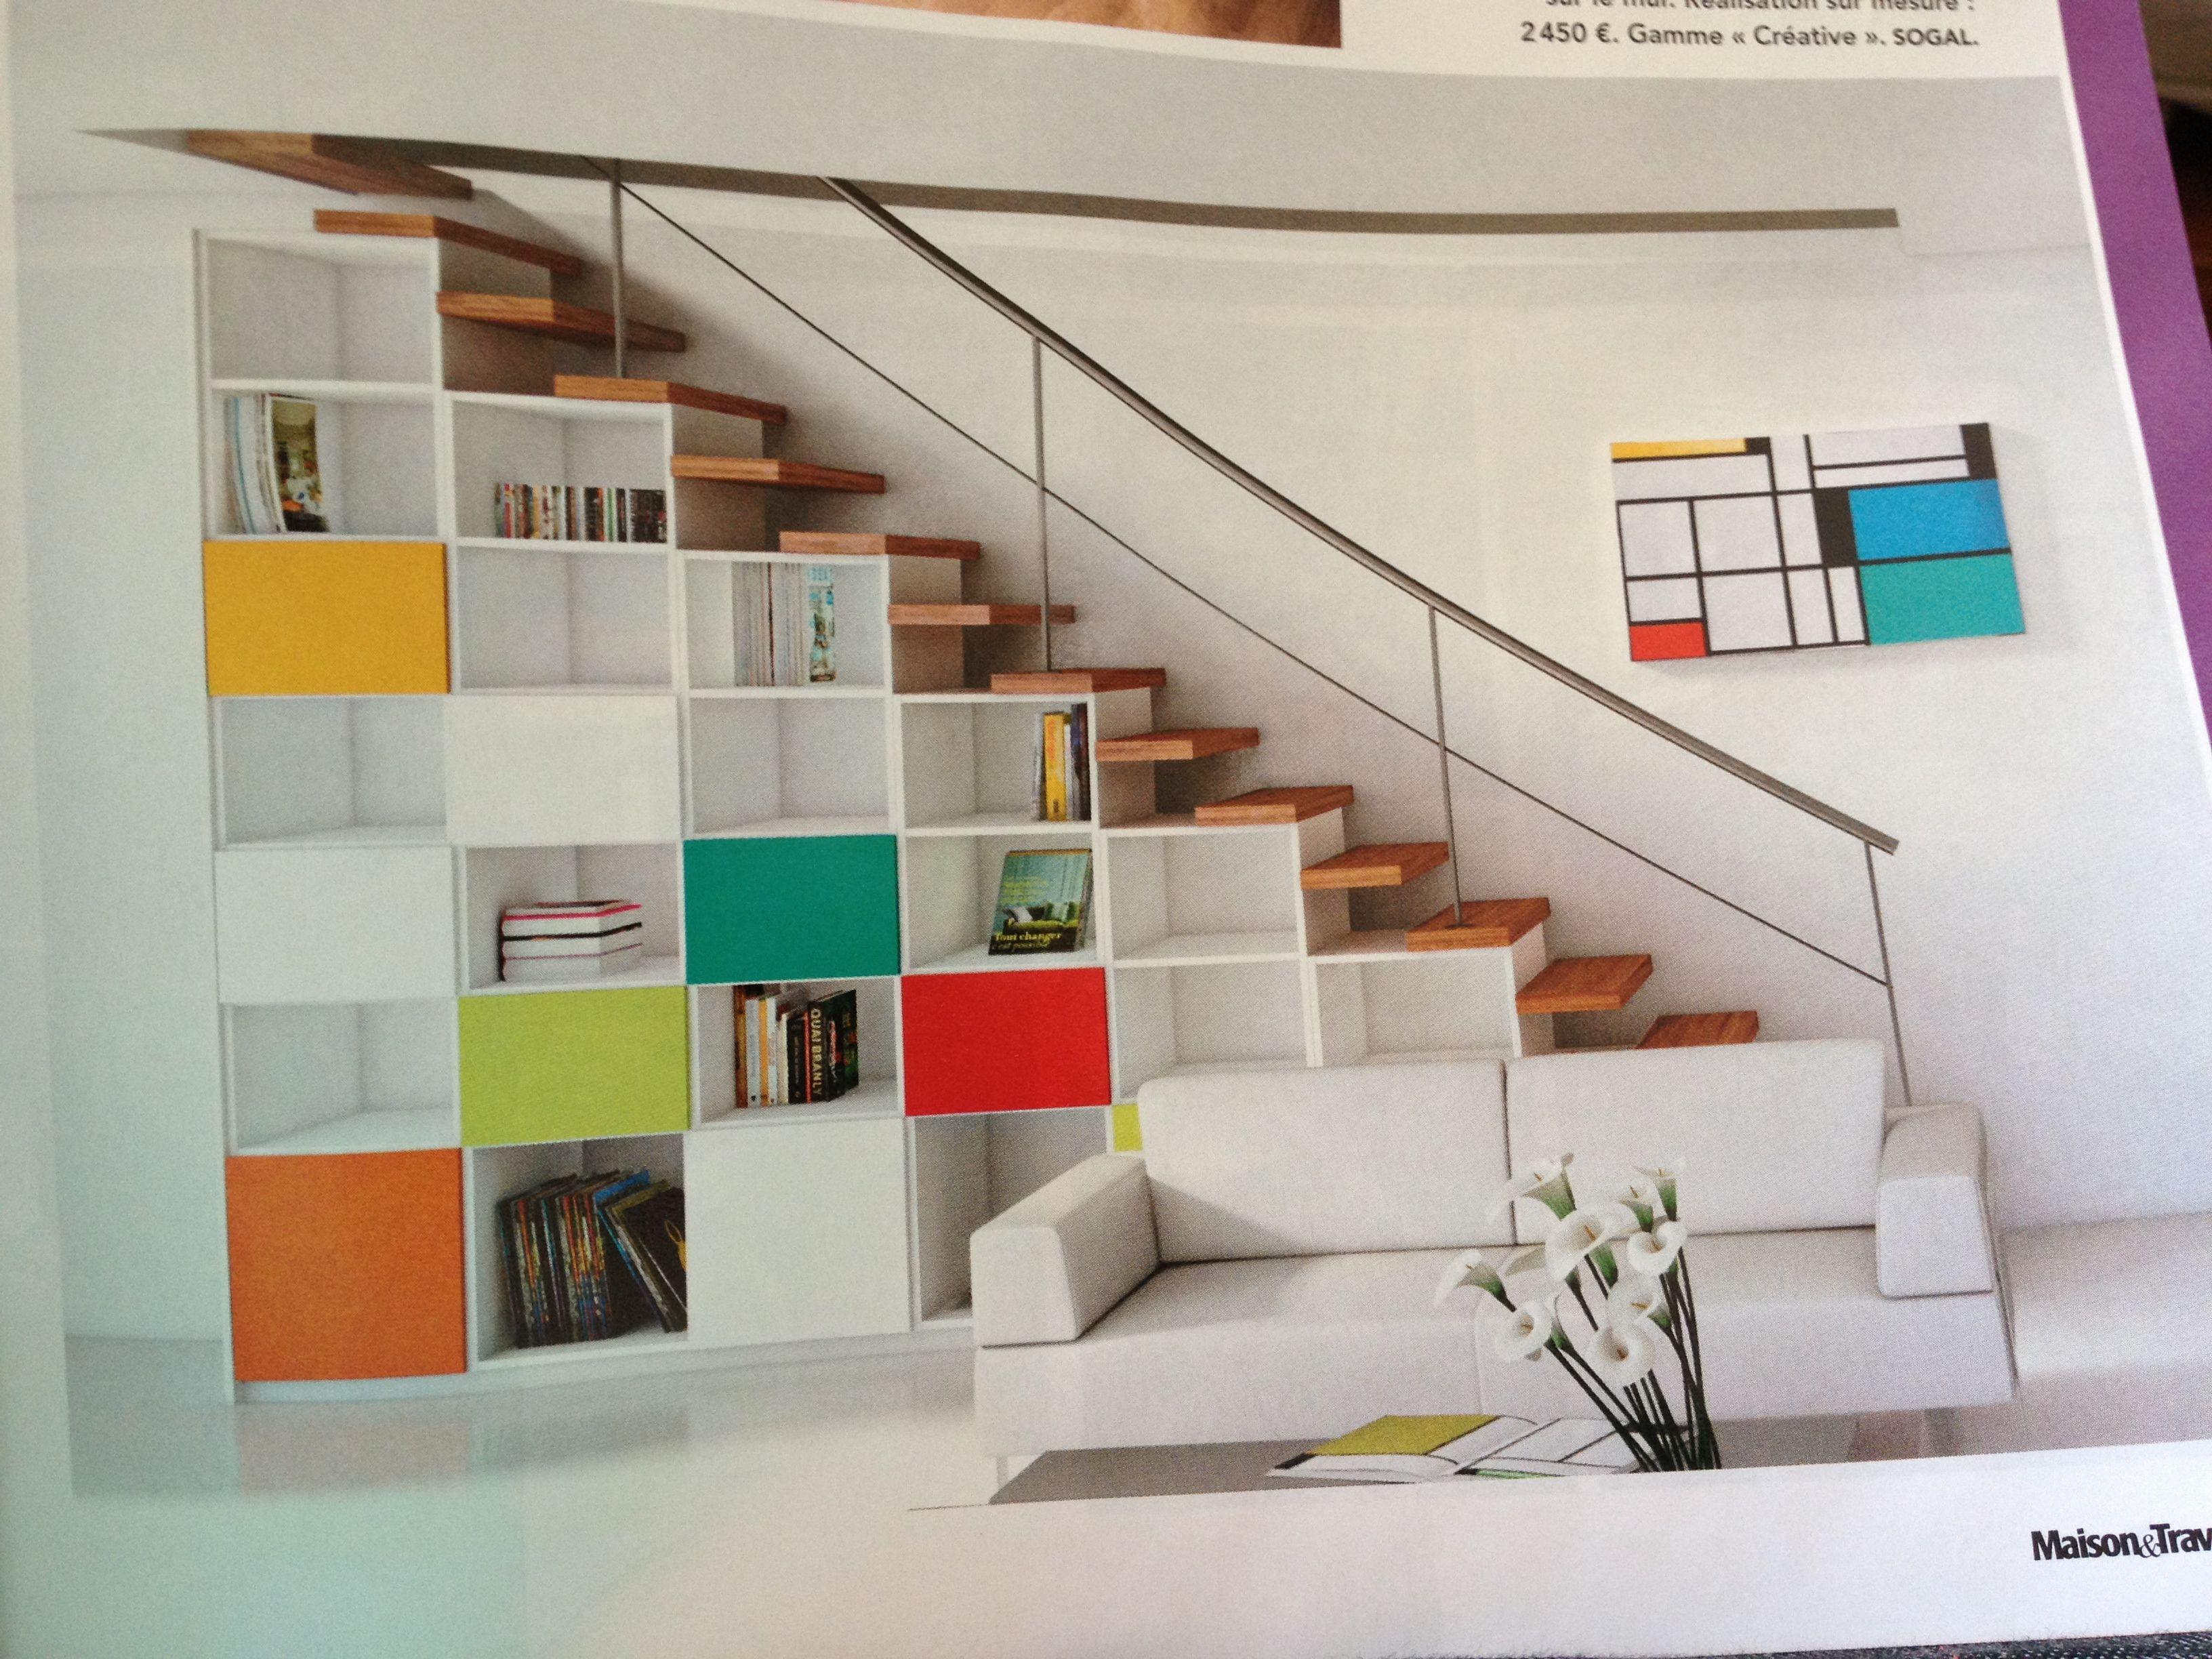 rangement sous escalier rangement pinterest mezzanine colorful living rooms and house. Black Bedroom Furniture Sets. Home Design Ideas